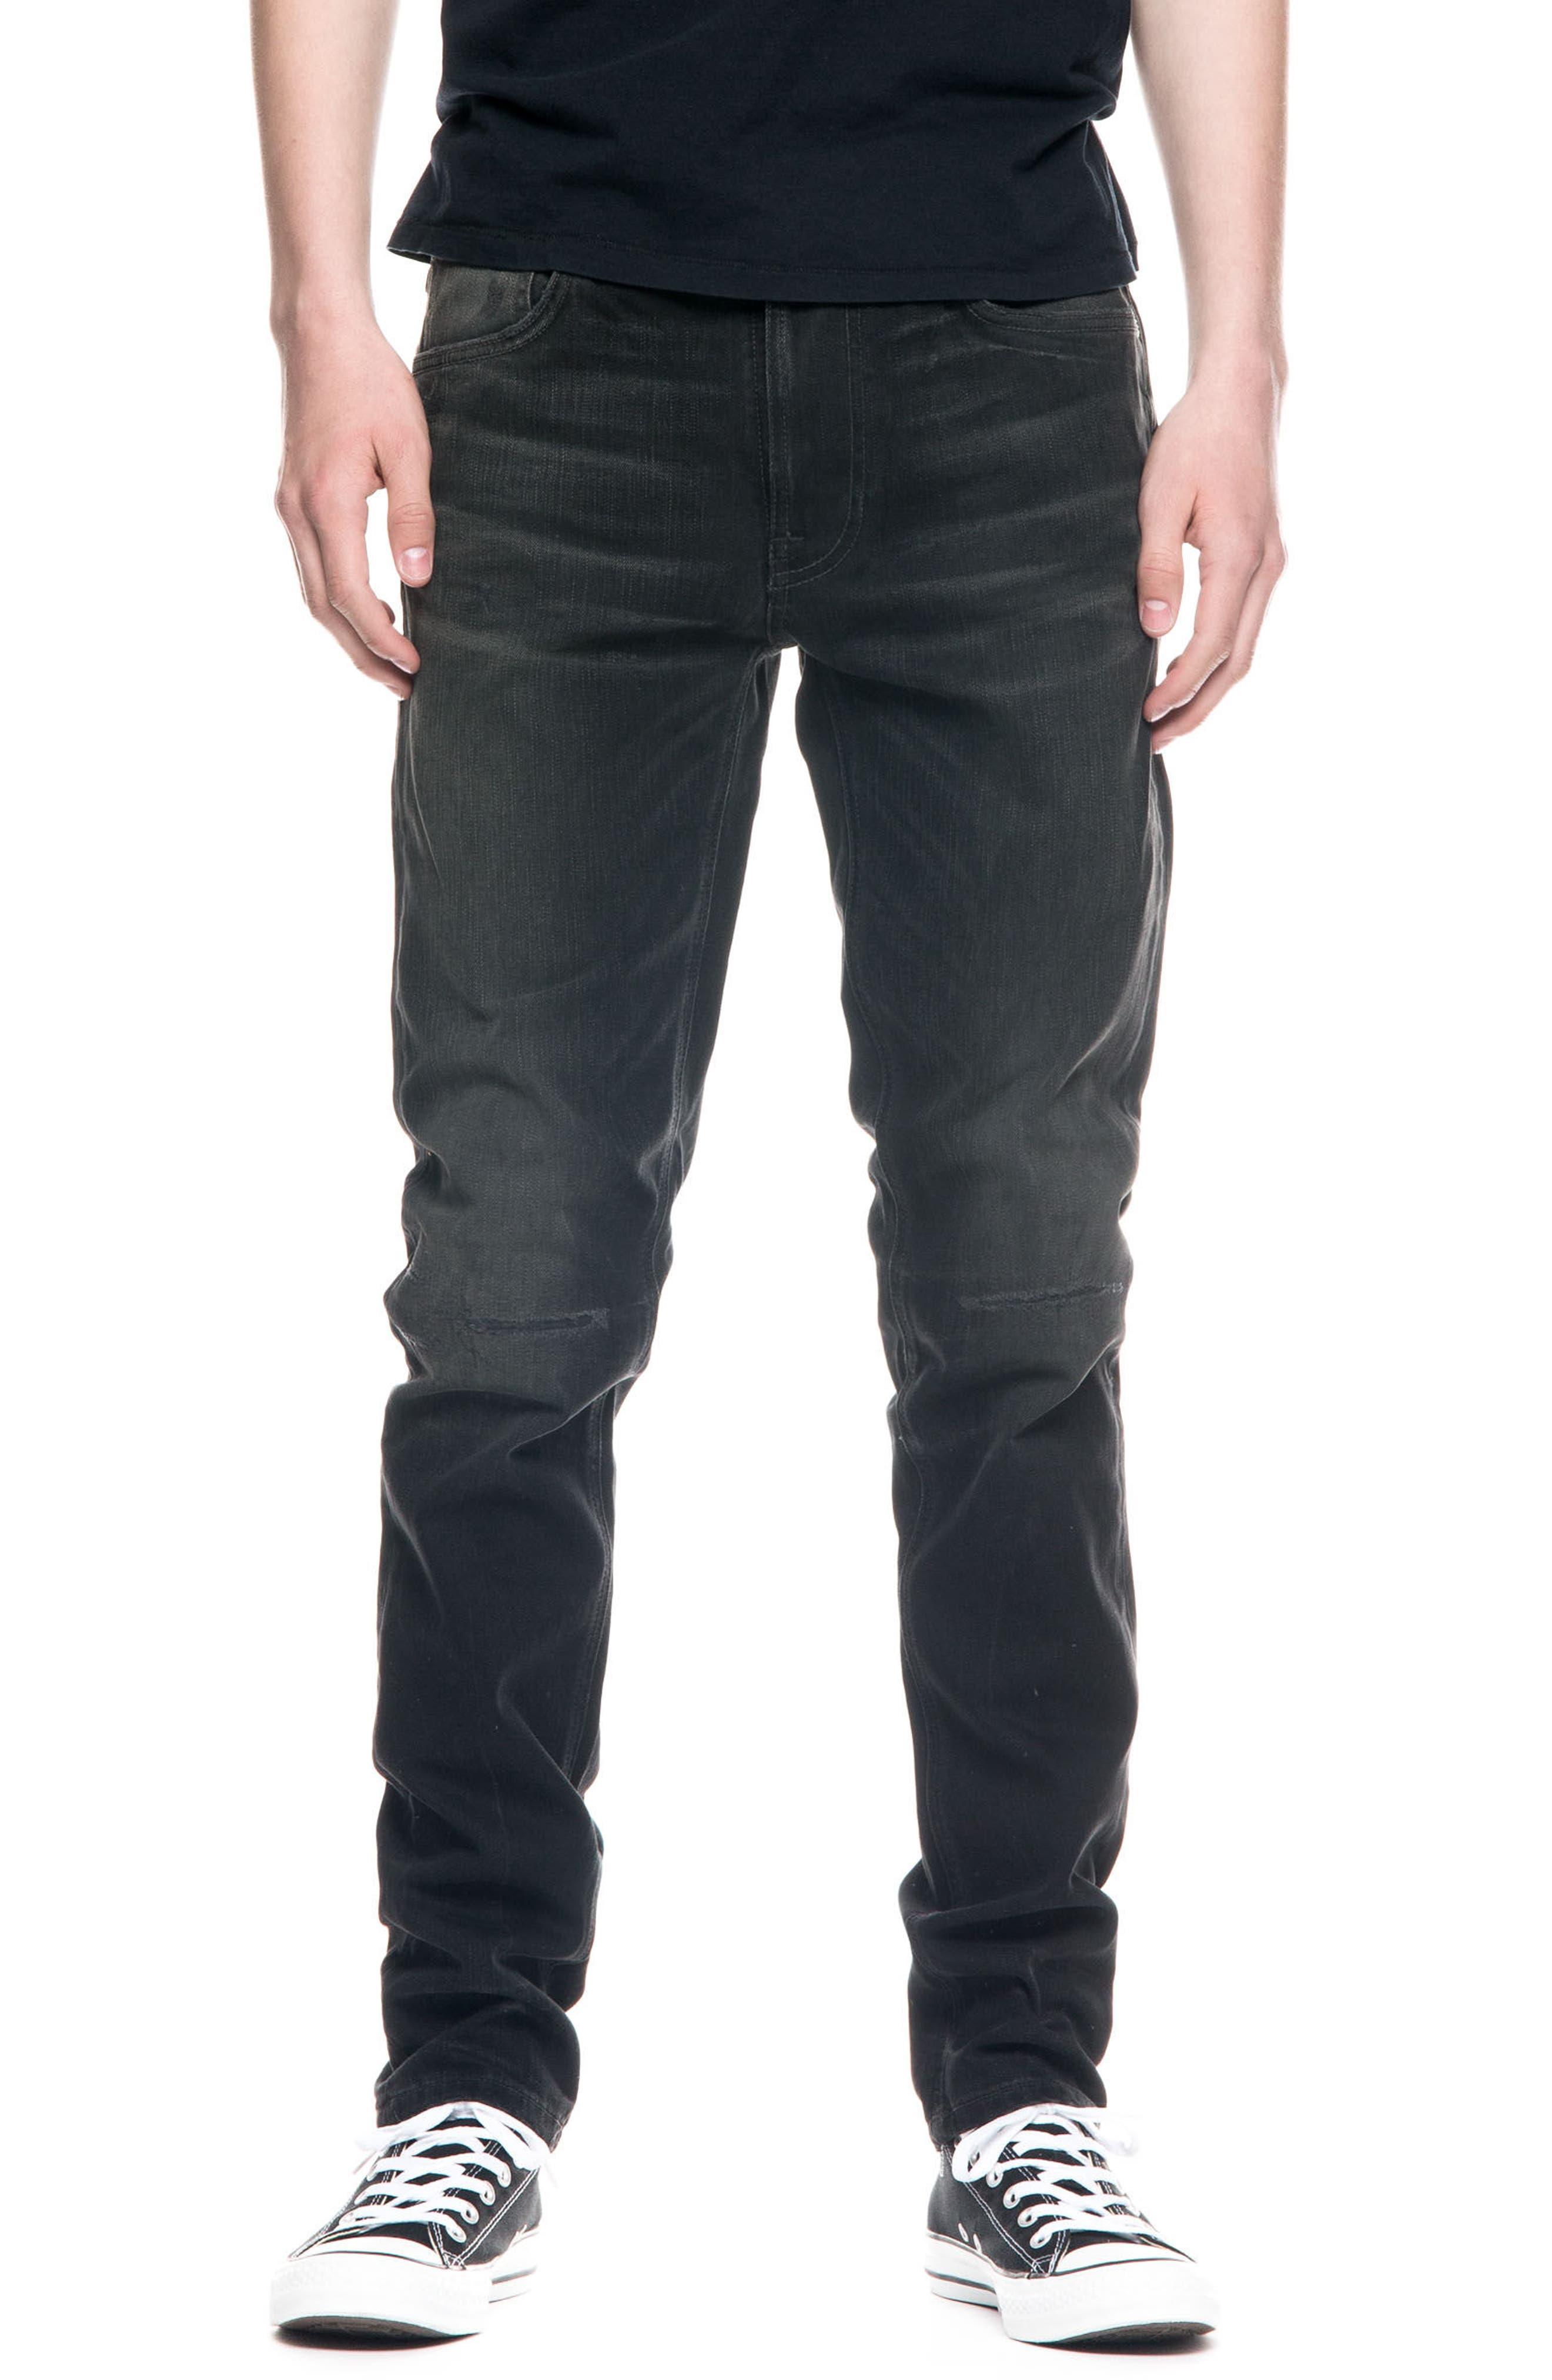 Nudie Jeans Lean Dean Slouchy Slim Fit Jeans (Johan Replica)